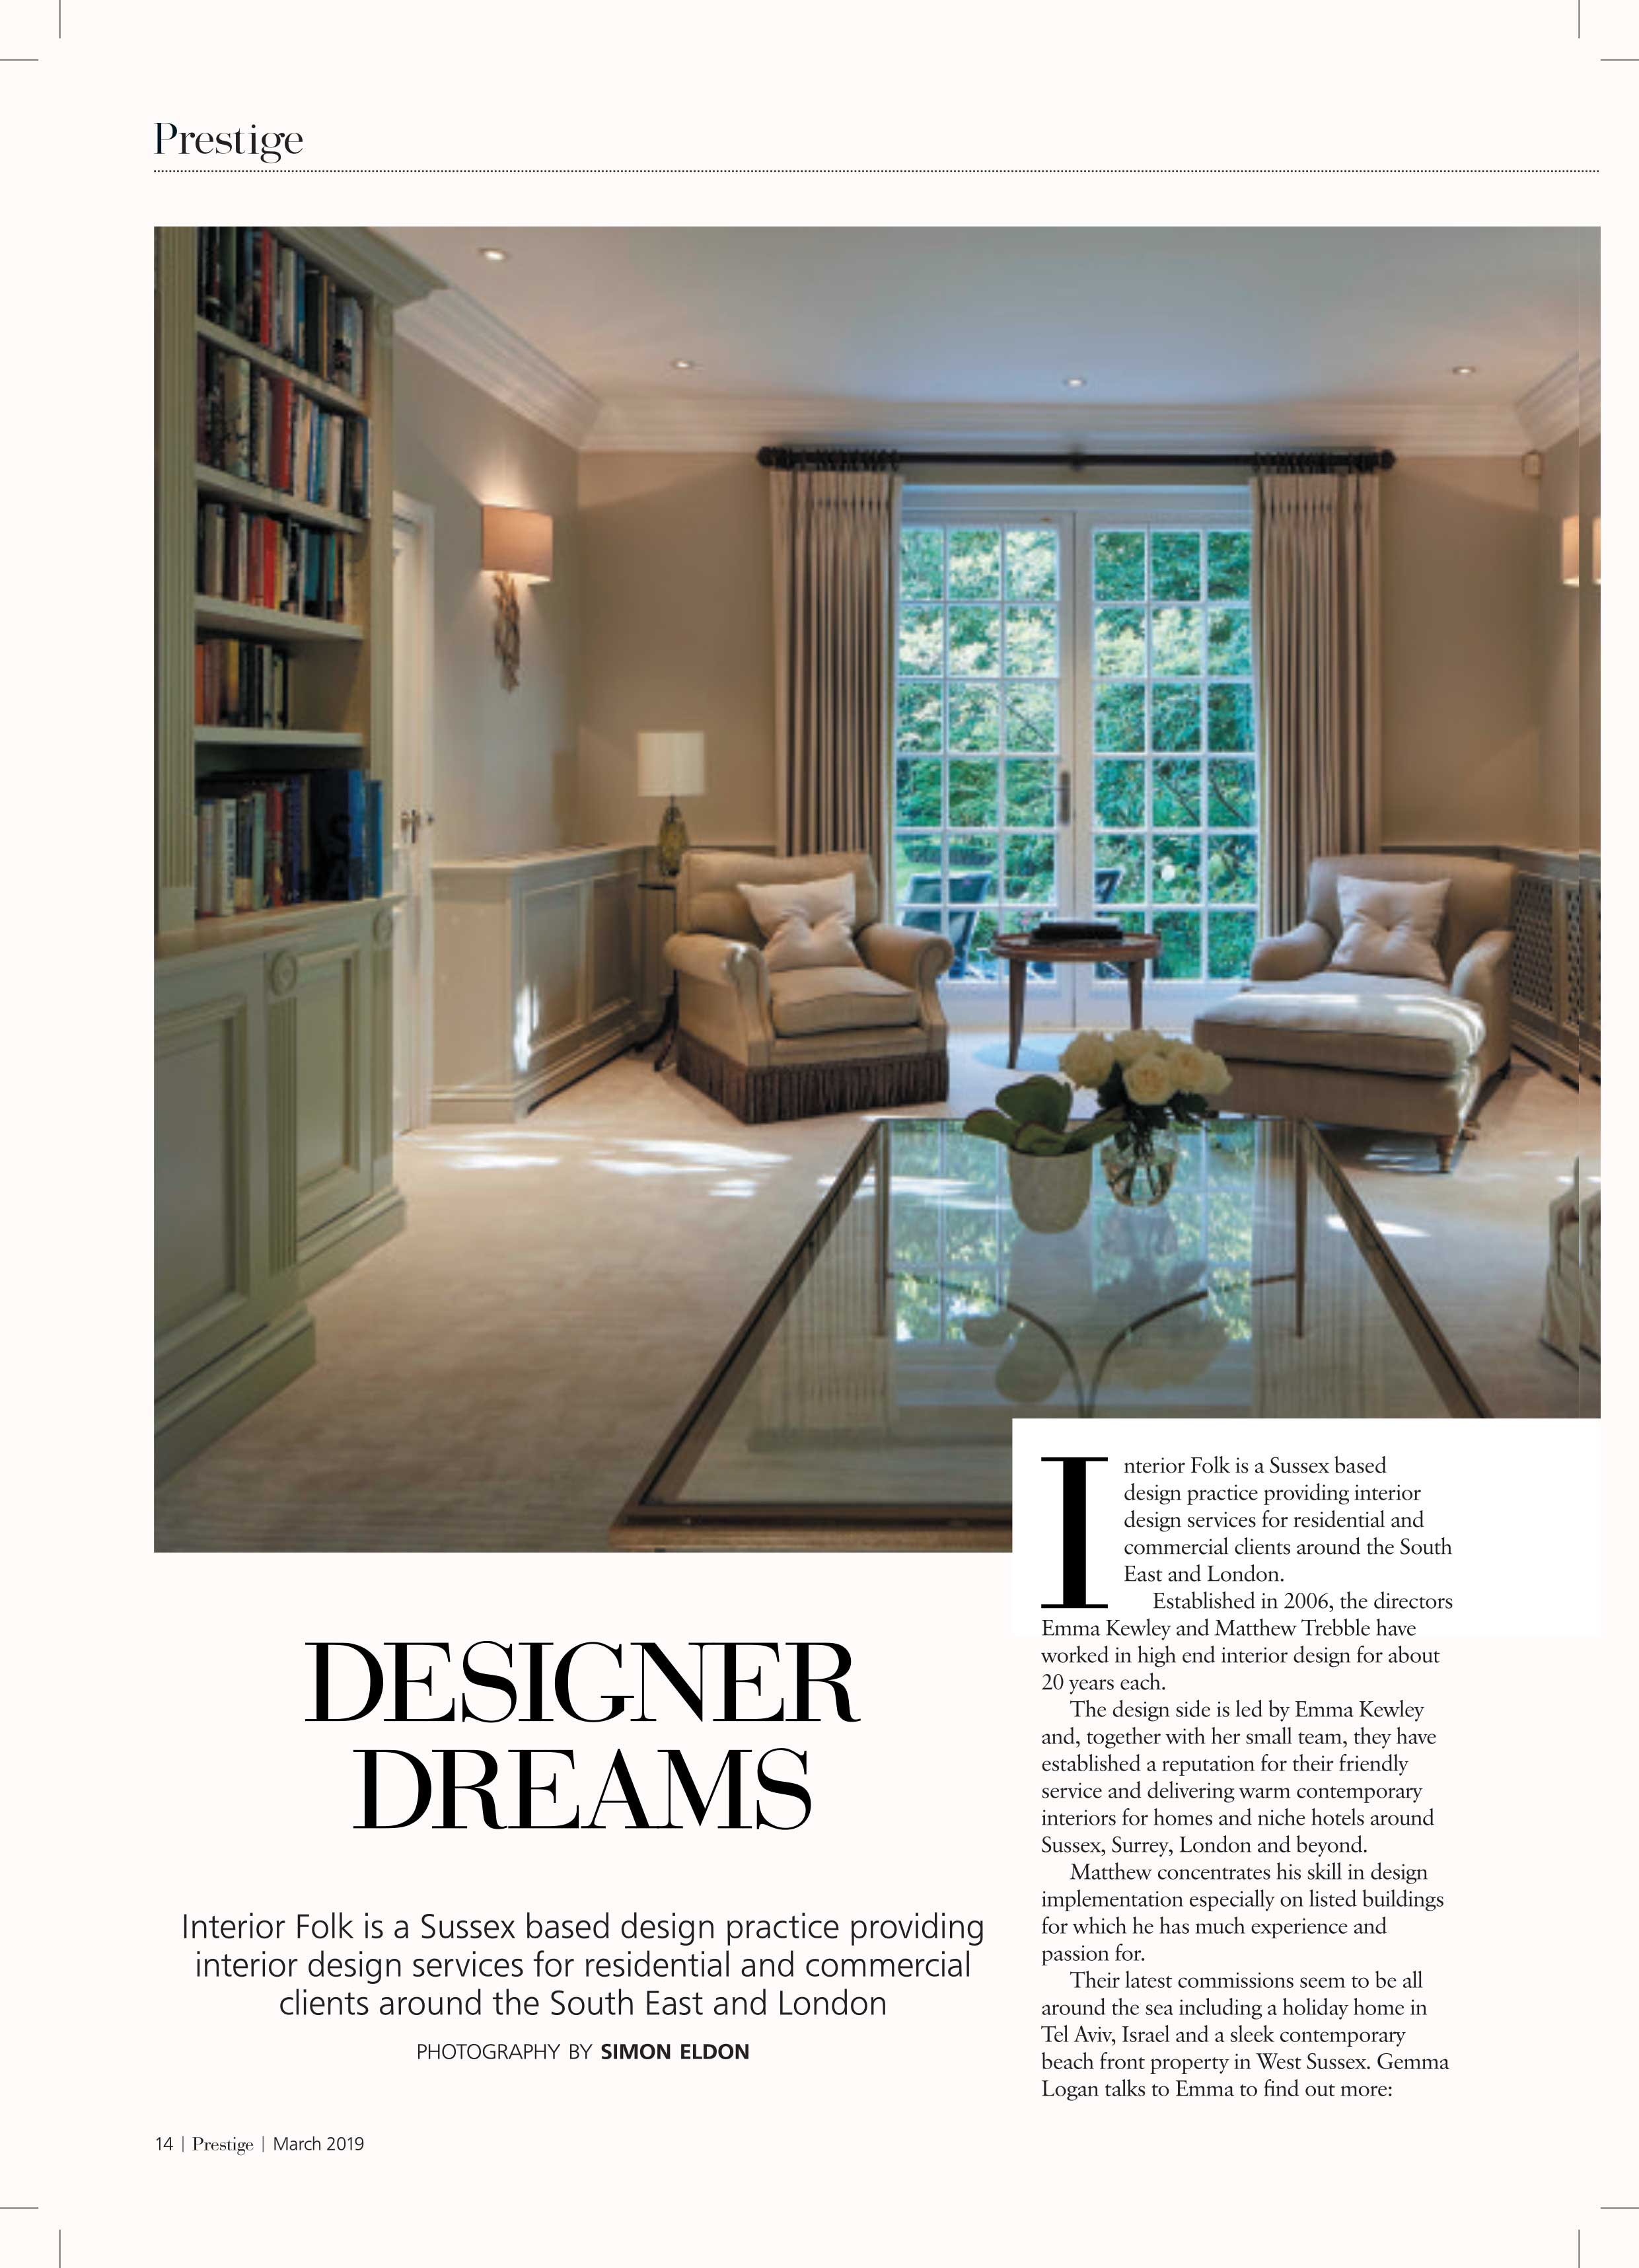 brighton interior designer